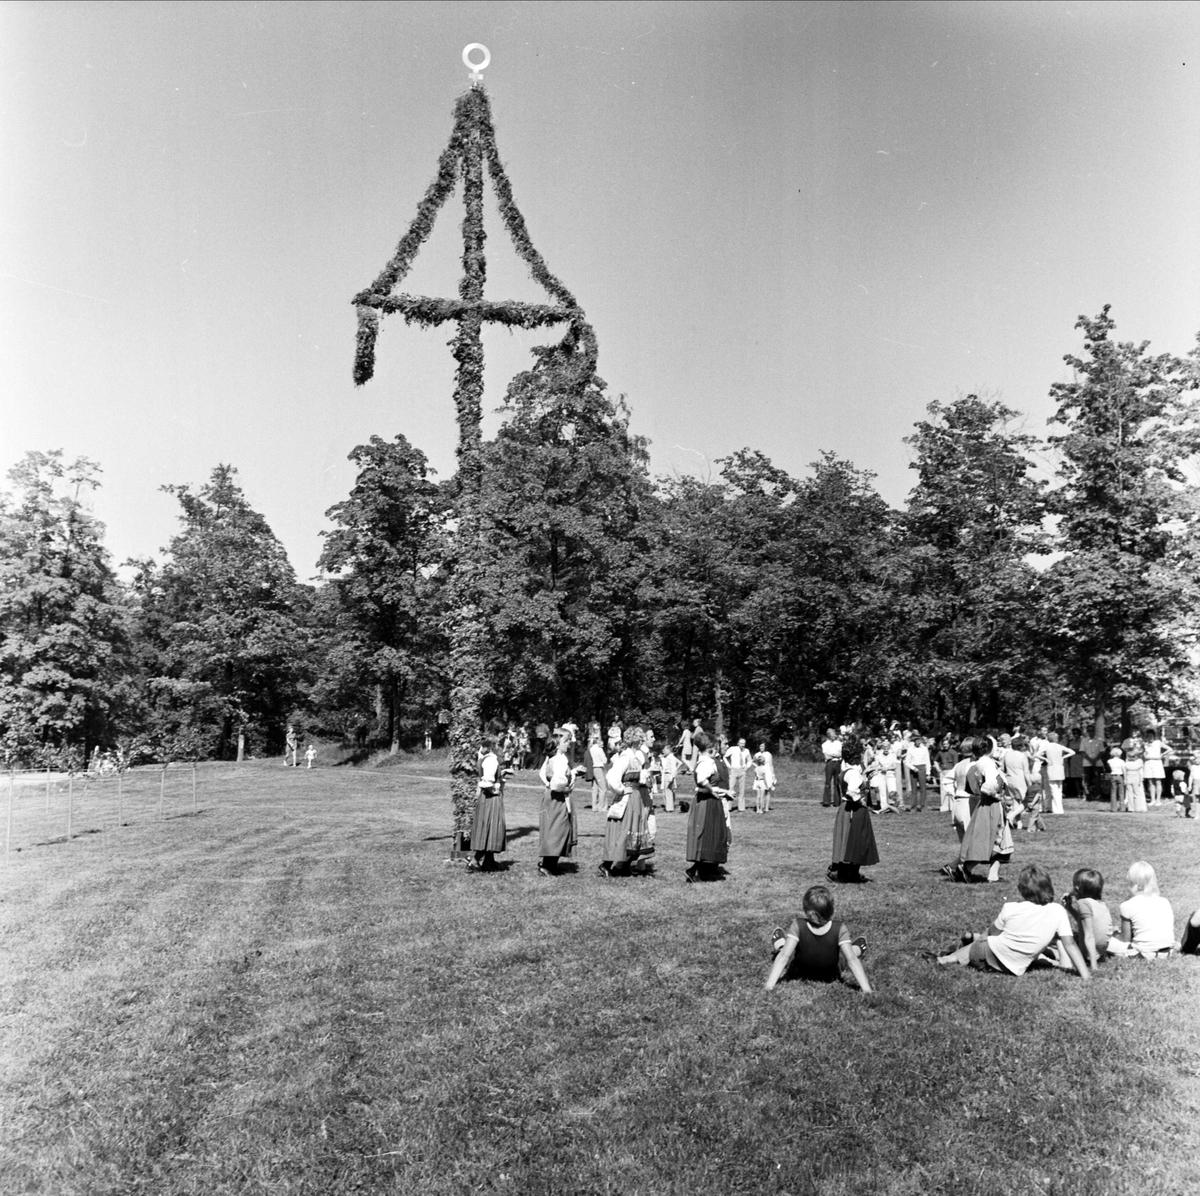 Folkdansuppvisning på midsommarfirande i norra Uppland 1973